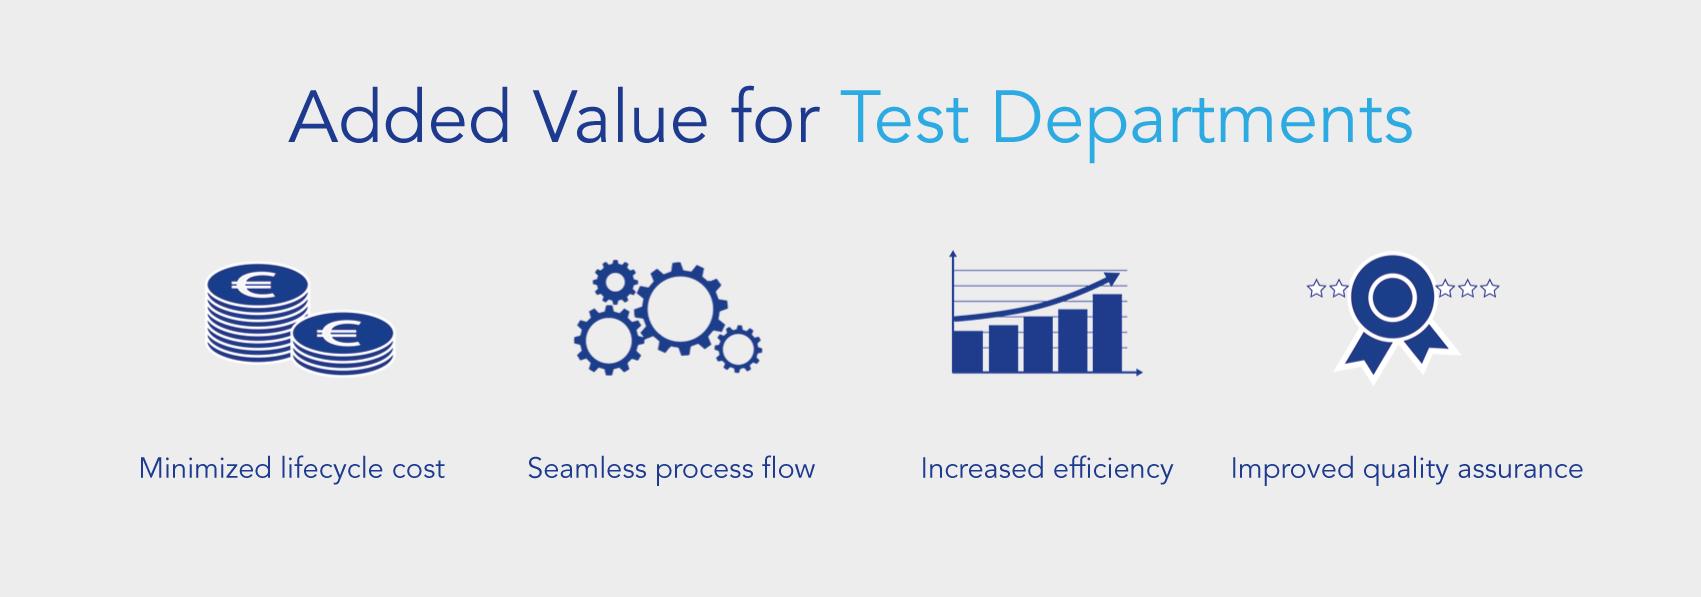 Efficient management of complex test centers